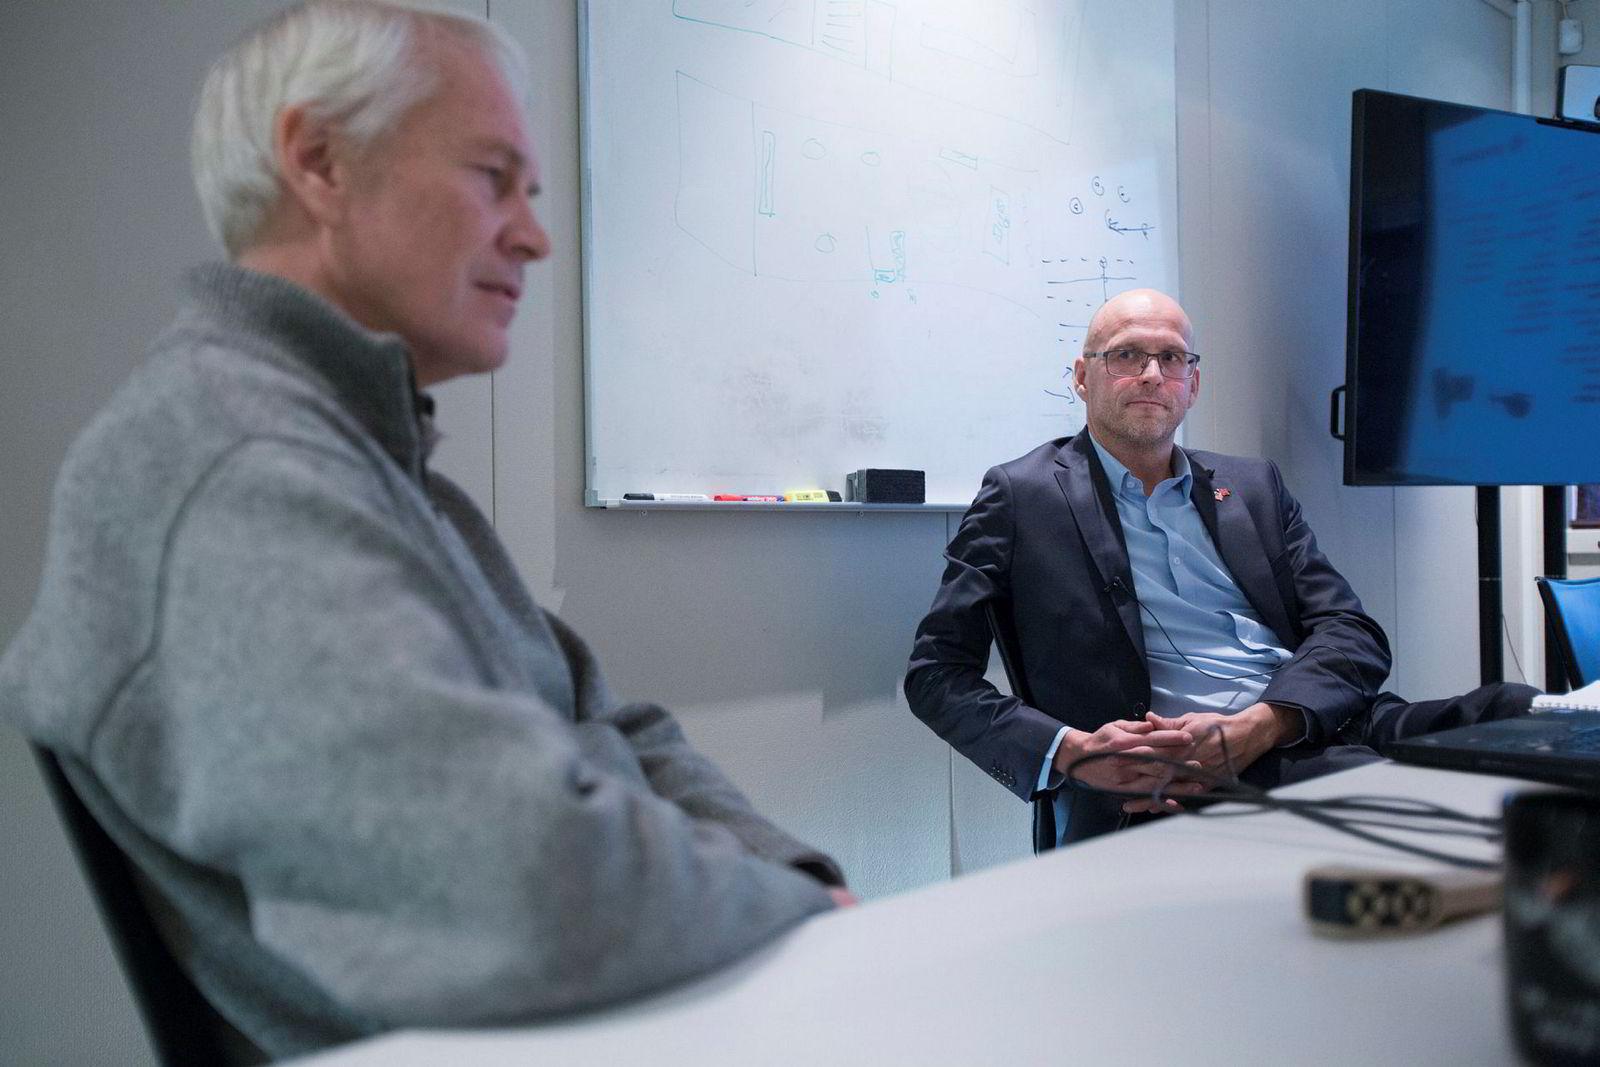 Prox ble grunnlagt i 2008, men Petter Muren (til venstre) hadde hatt fly og helikoptre som hobby siden han var seks år – nå er han 55 år. Administrerende direktør Gudmund Kjærheim til høyre. Foto: Javier Auris